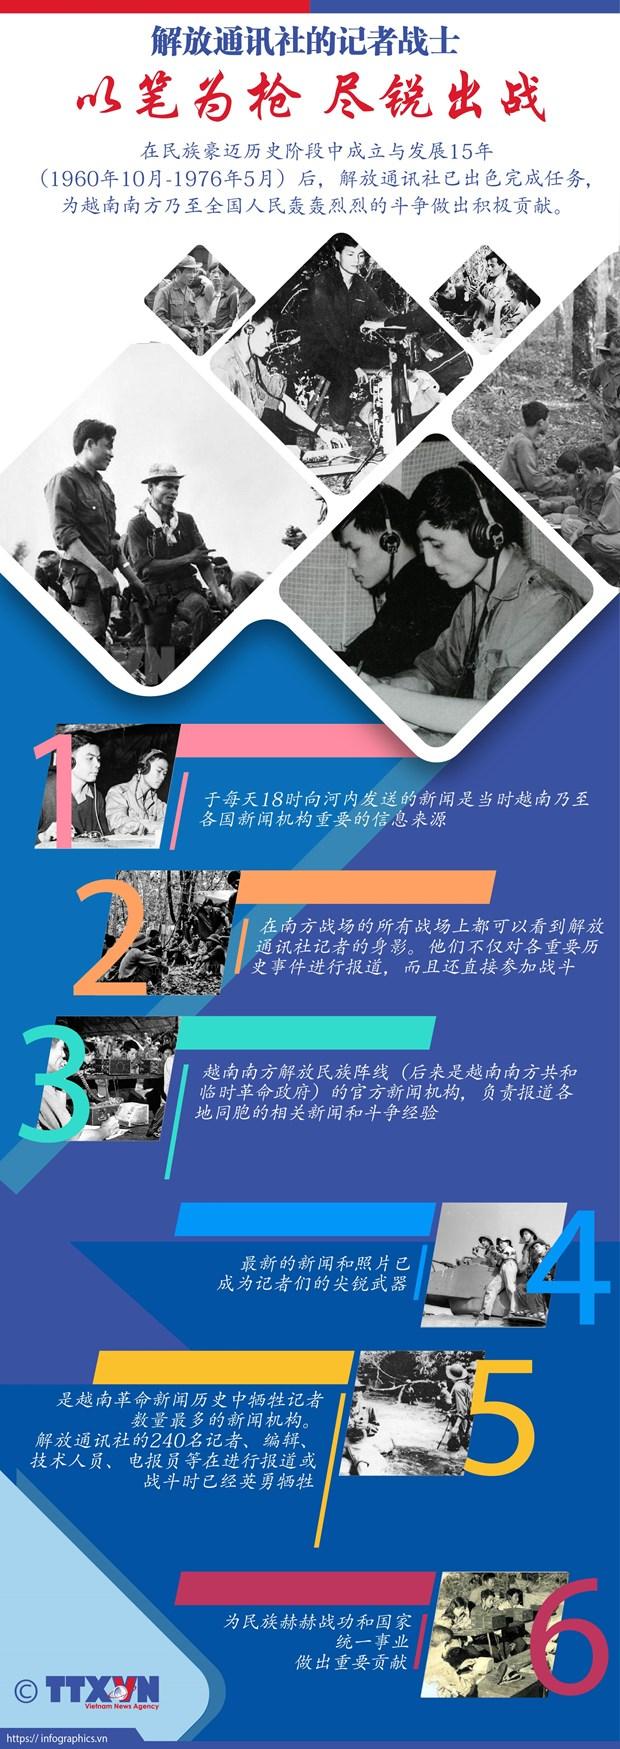 解放通讯社在历史上的光荣使命 hinh anh 6